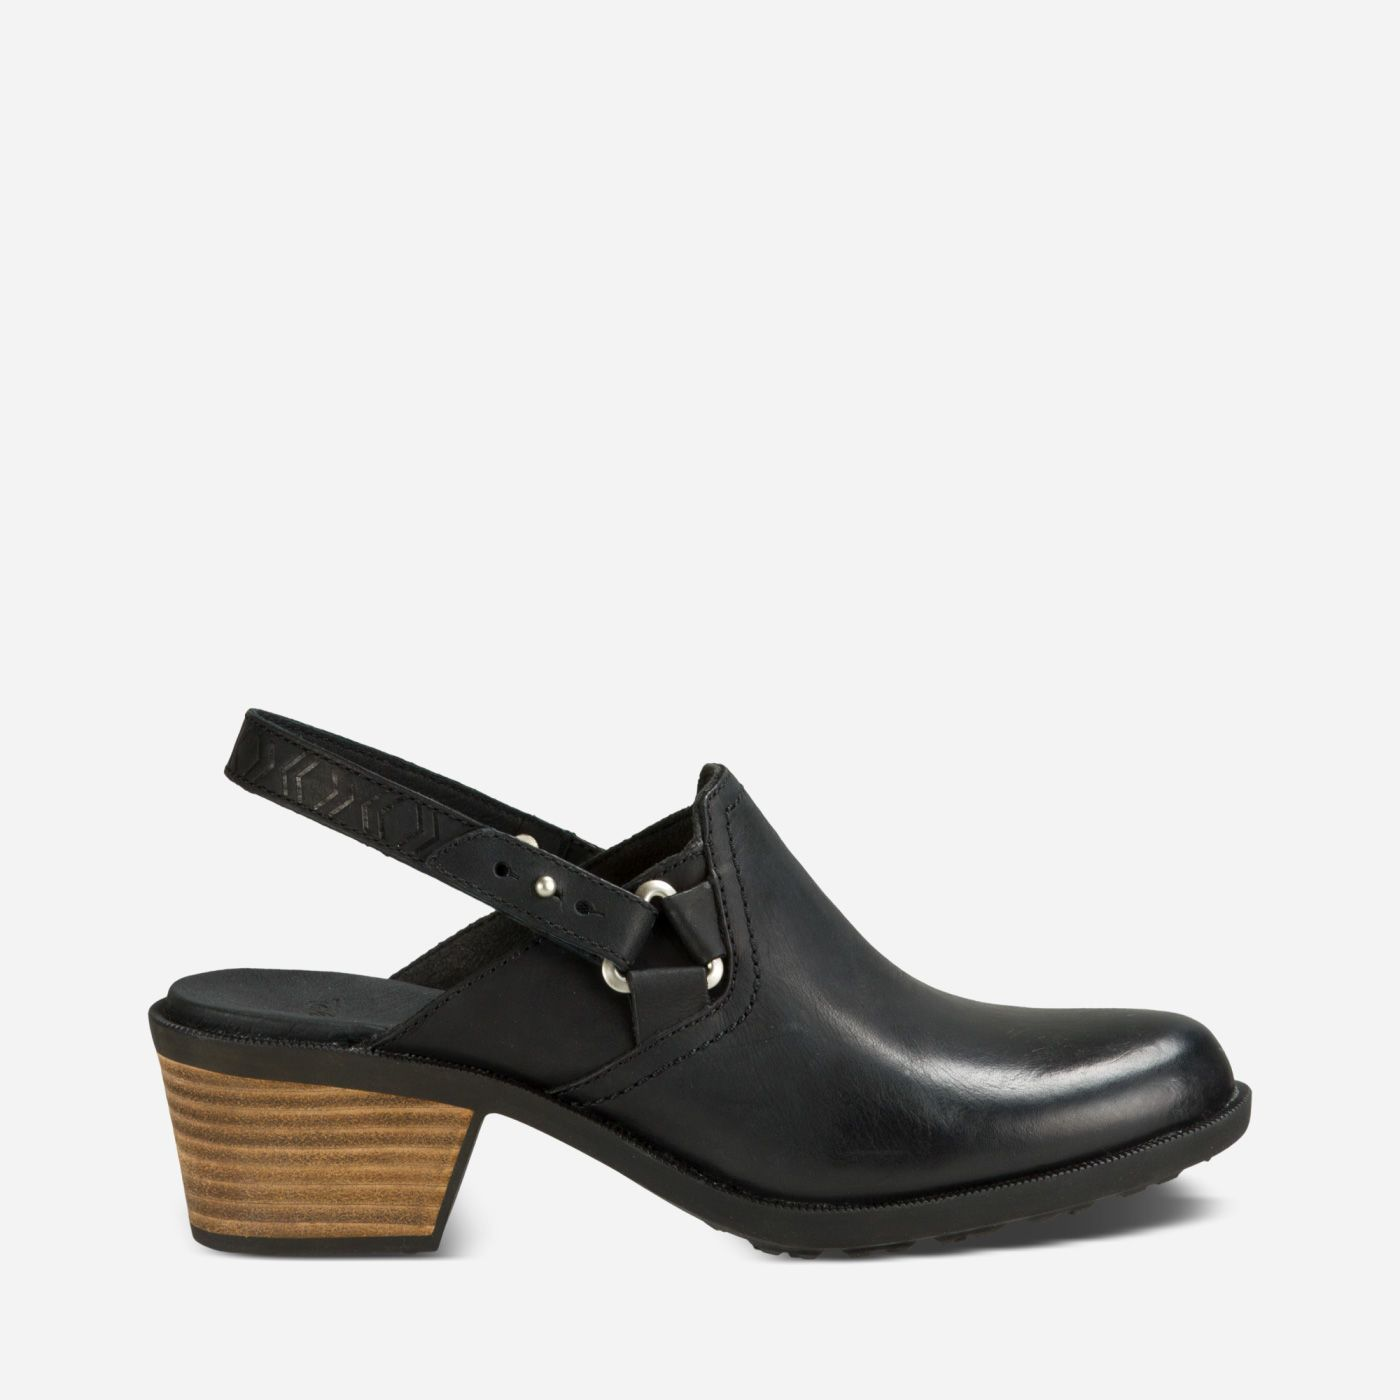 3e867381a129 Women s Foxy Clog Leather